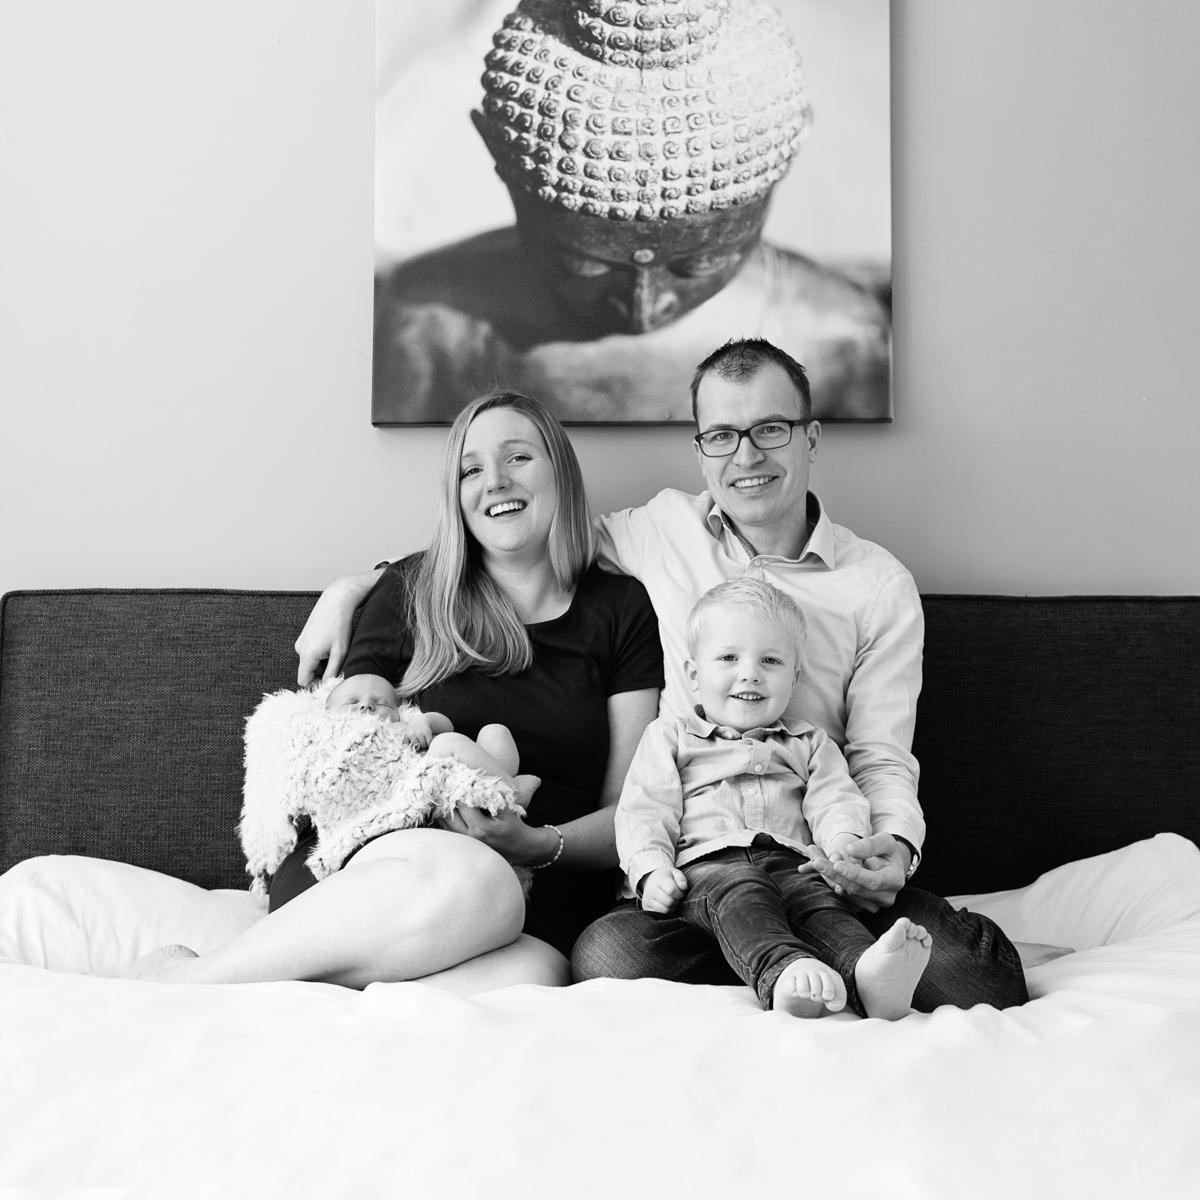 castricum newborn fotografie